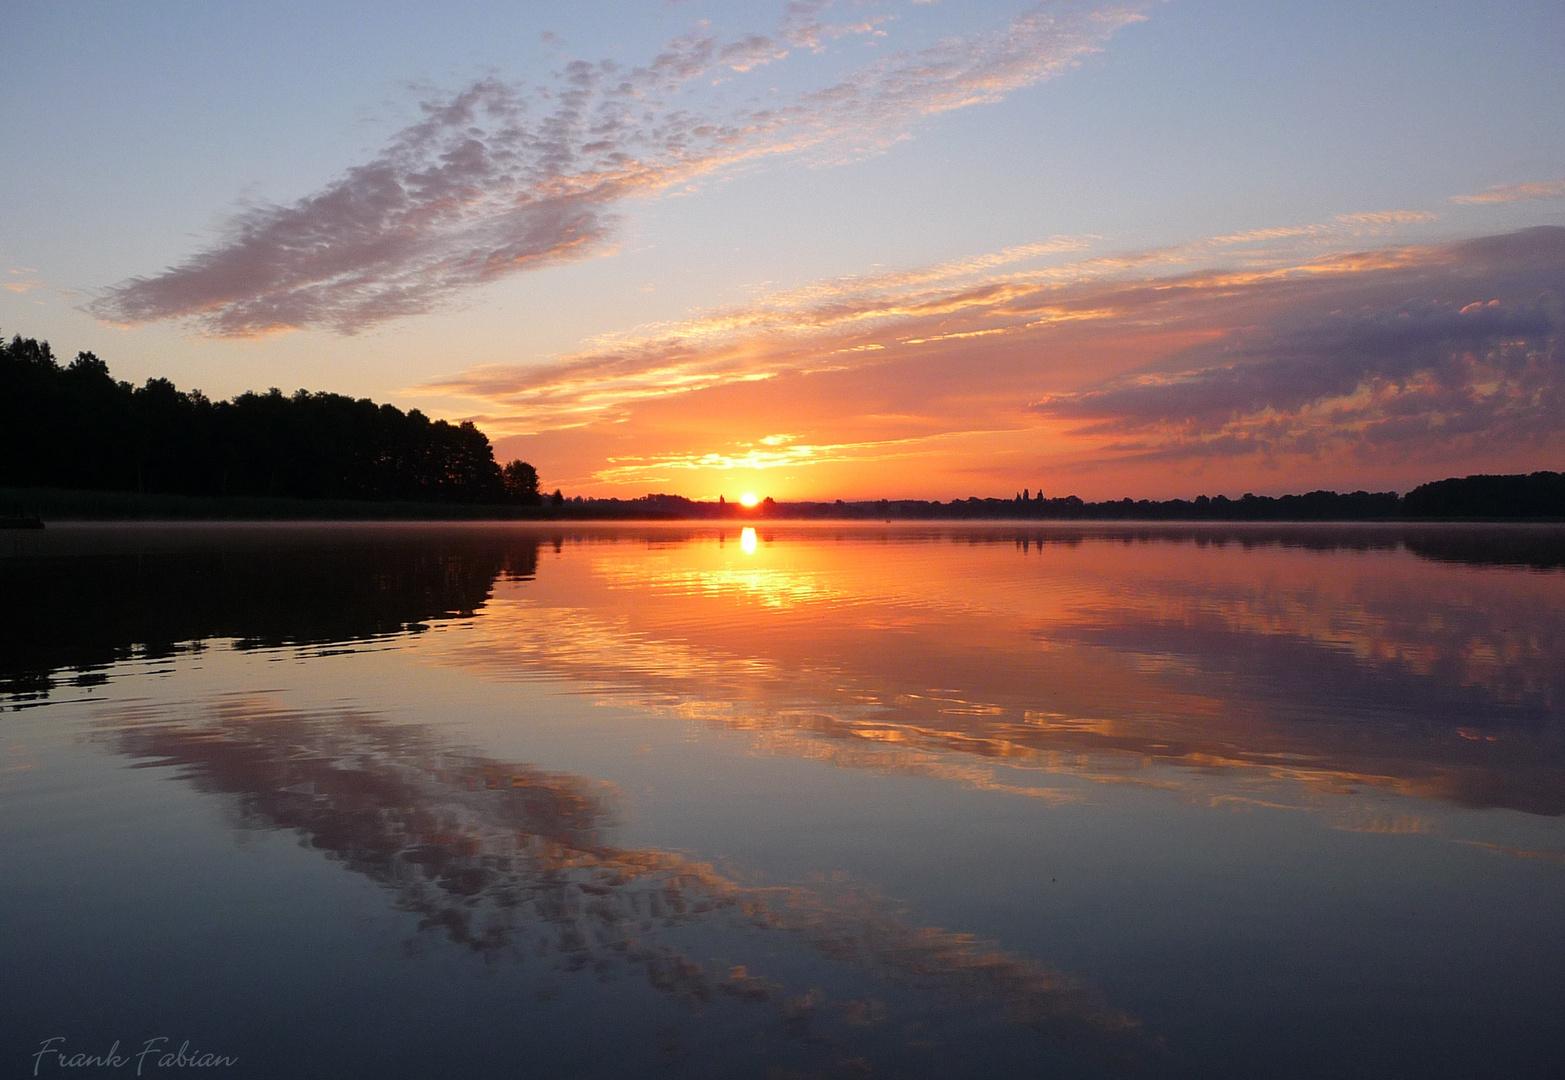 Sonnenaufgang am Useriner See (17)